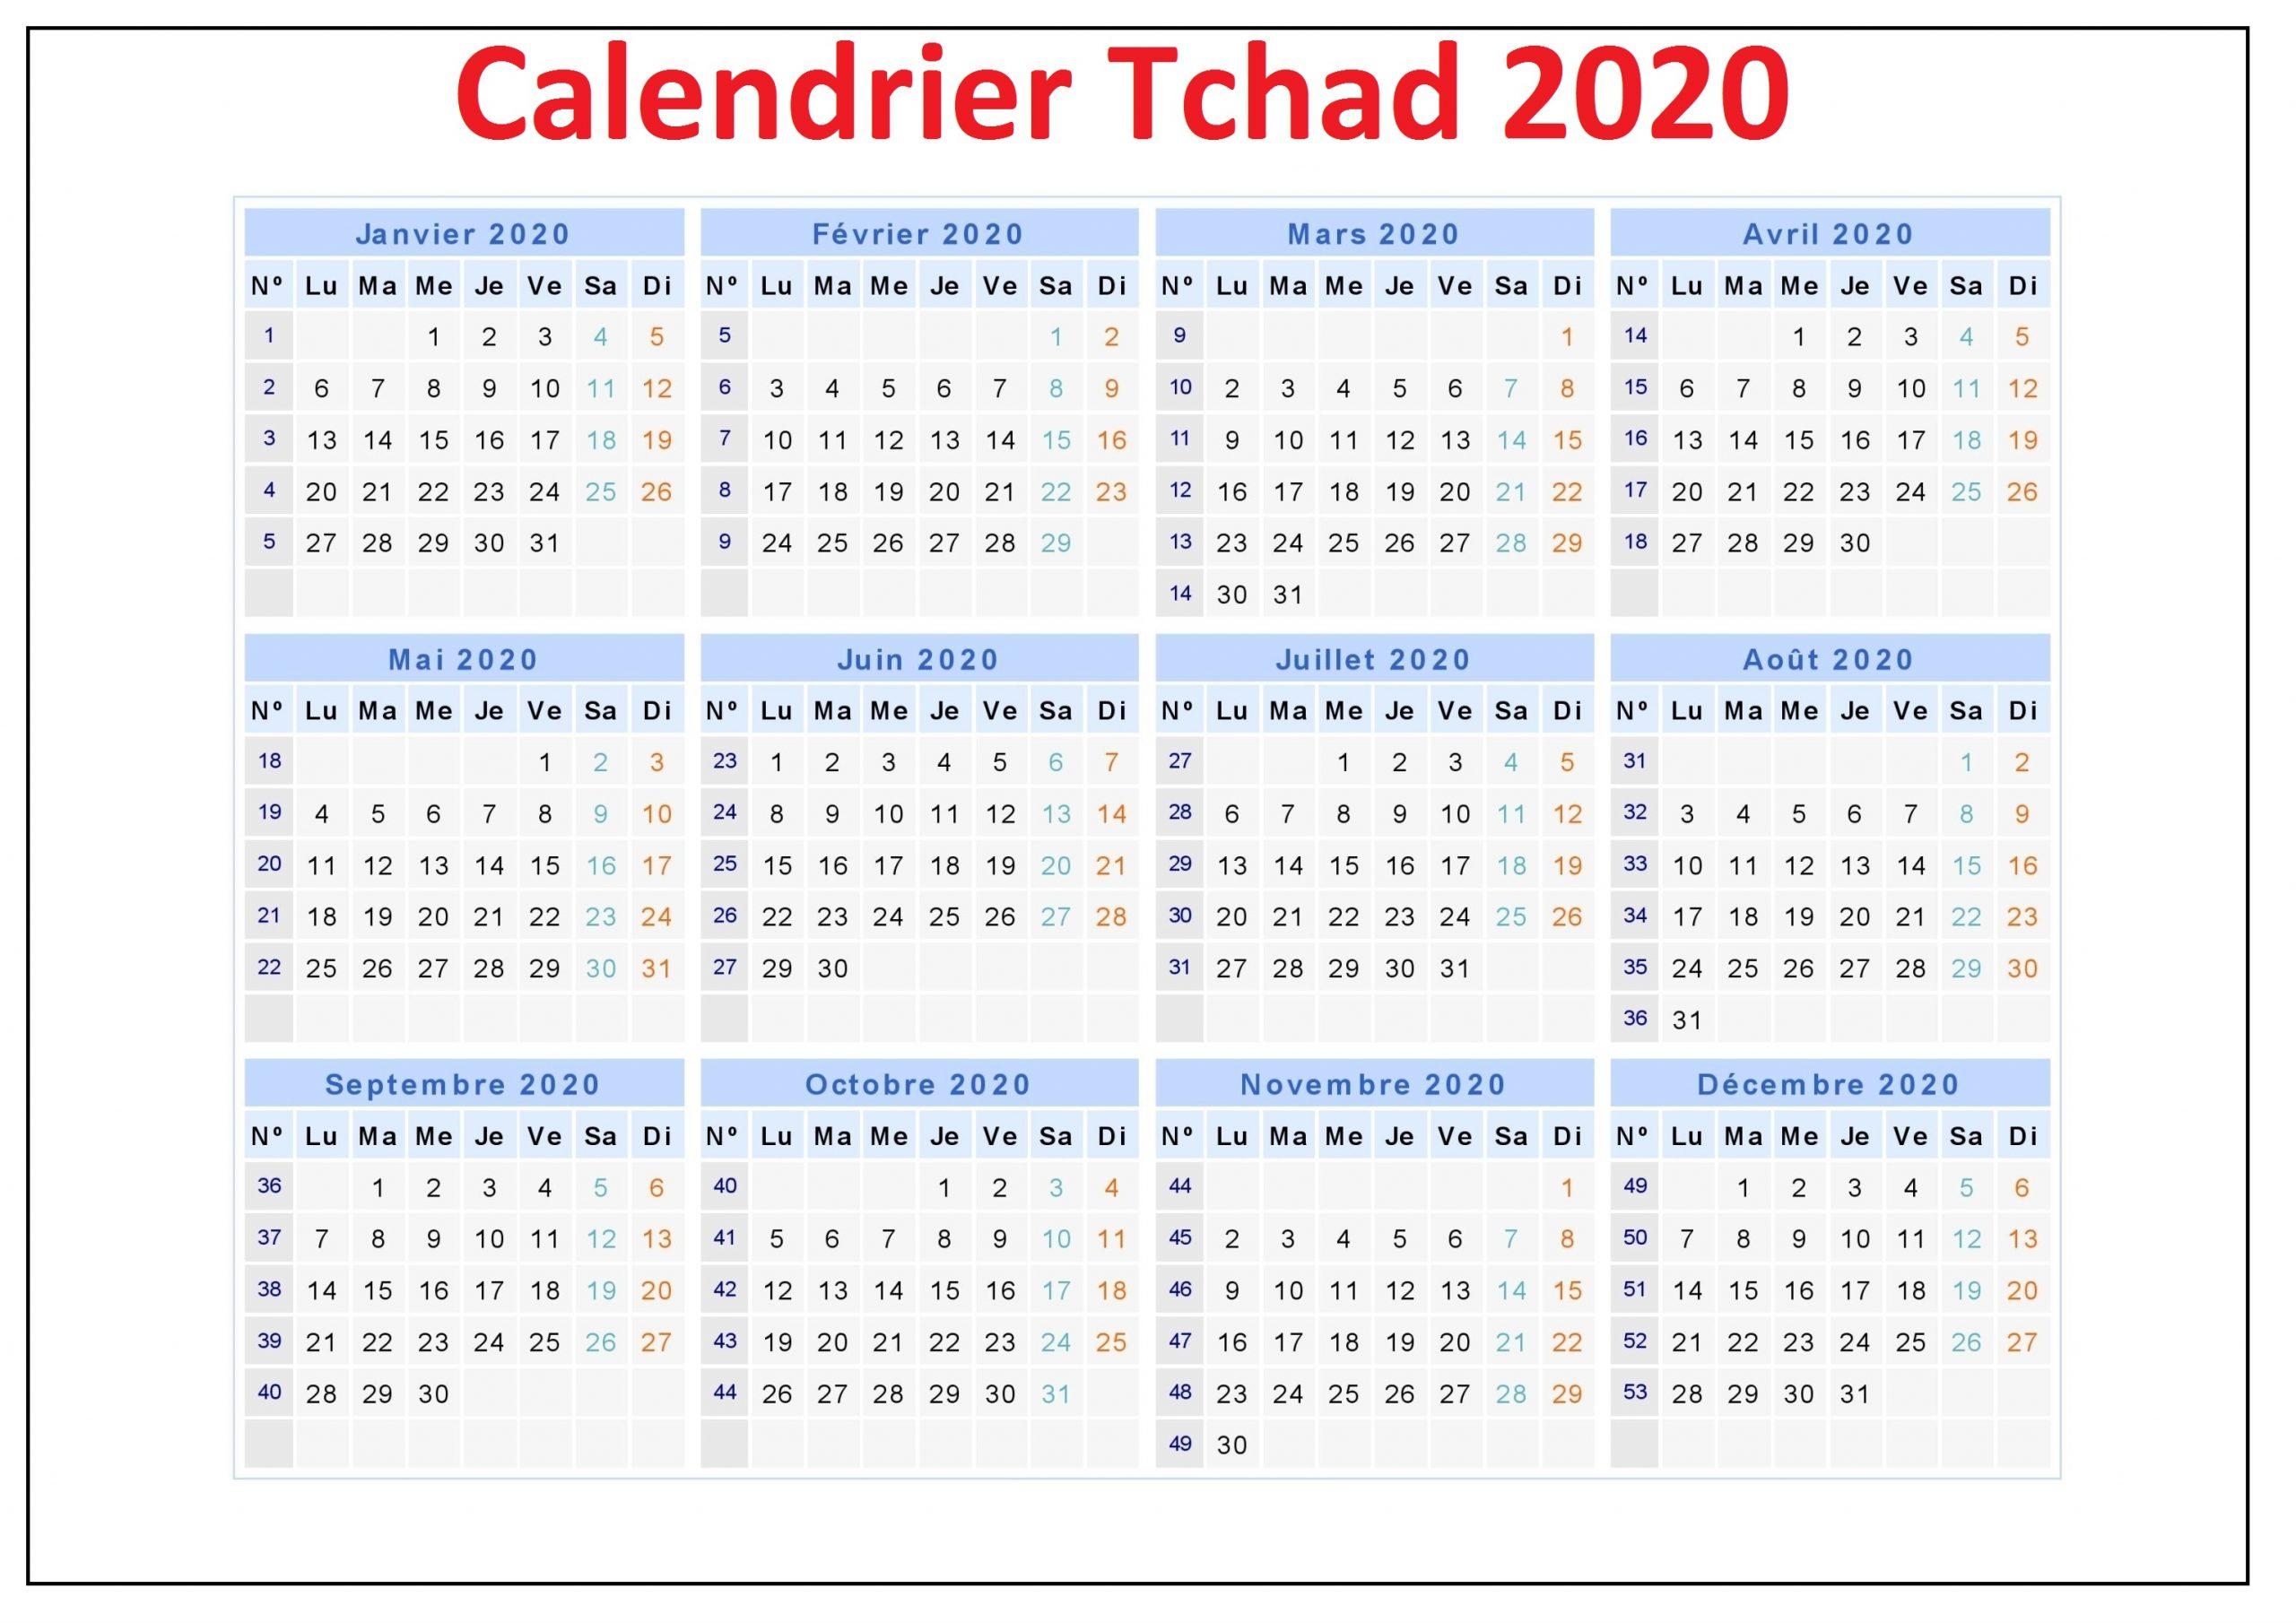 Calendrier Scolaire Au Tchad 2020